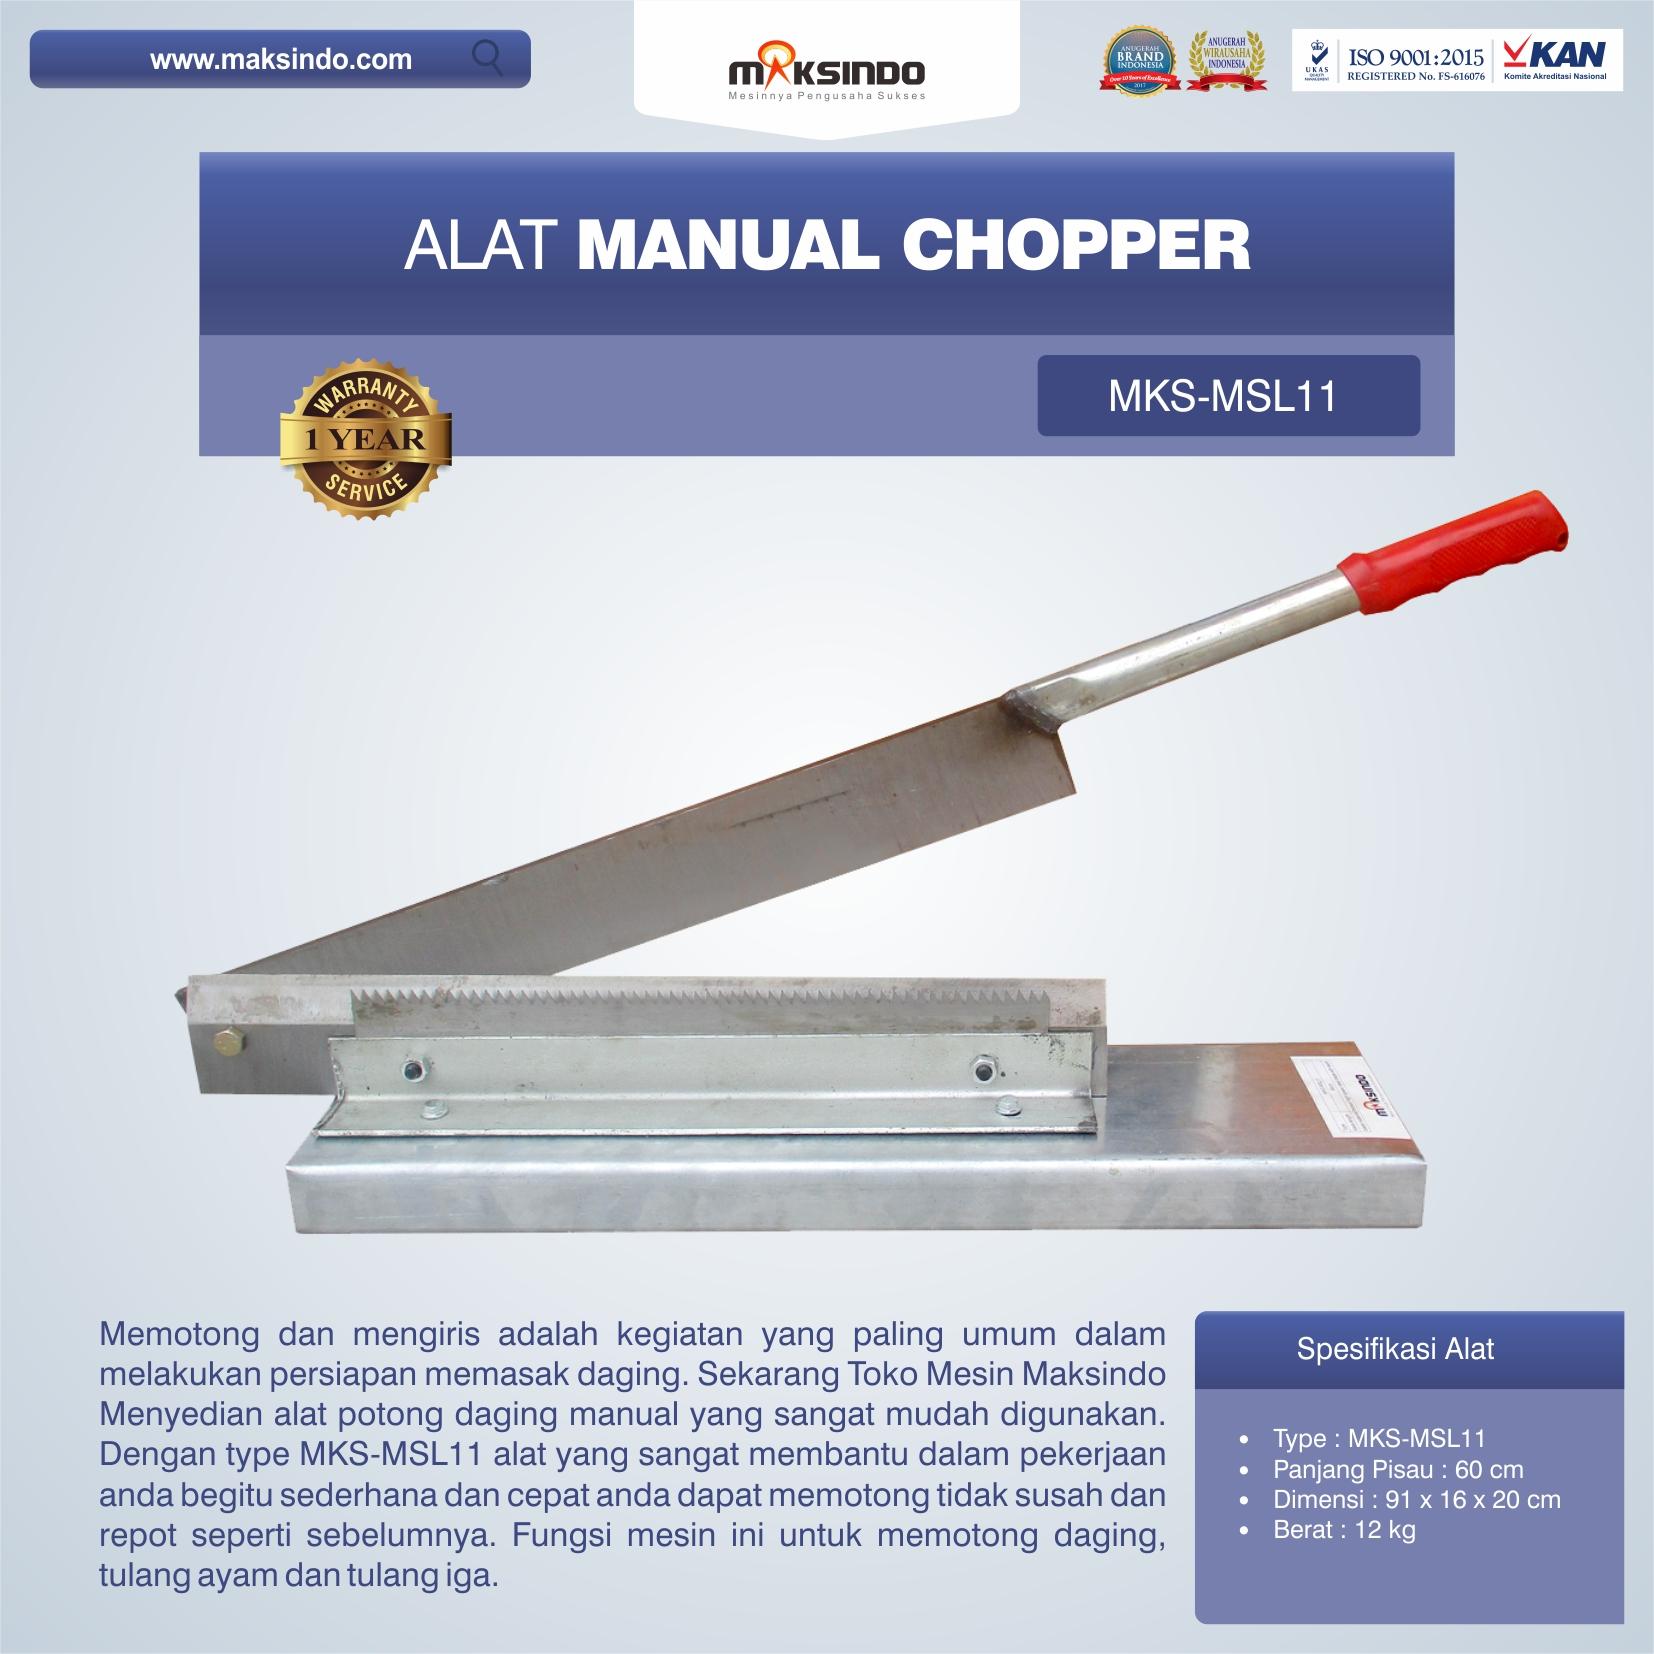 Jual Alat Manual Chopper MKS-MSL11 di Mataram